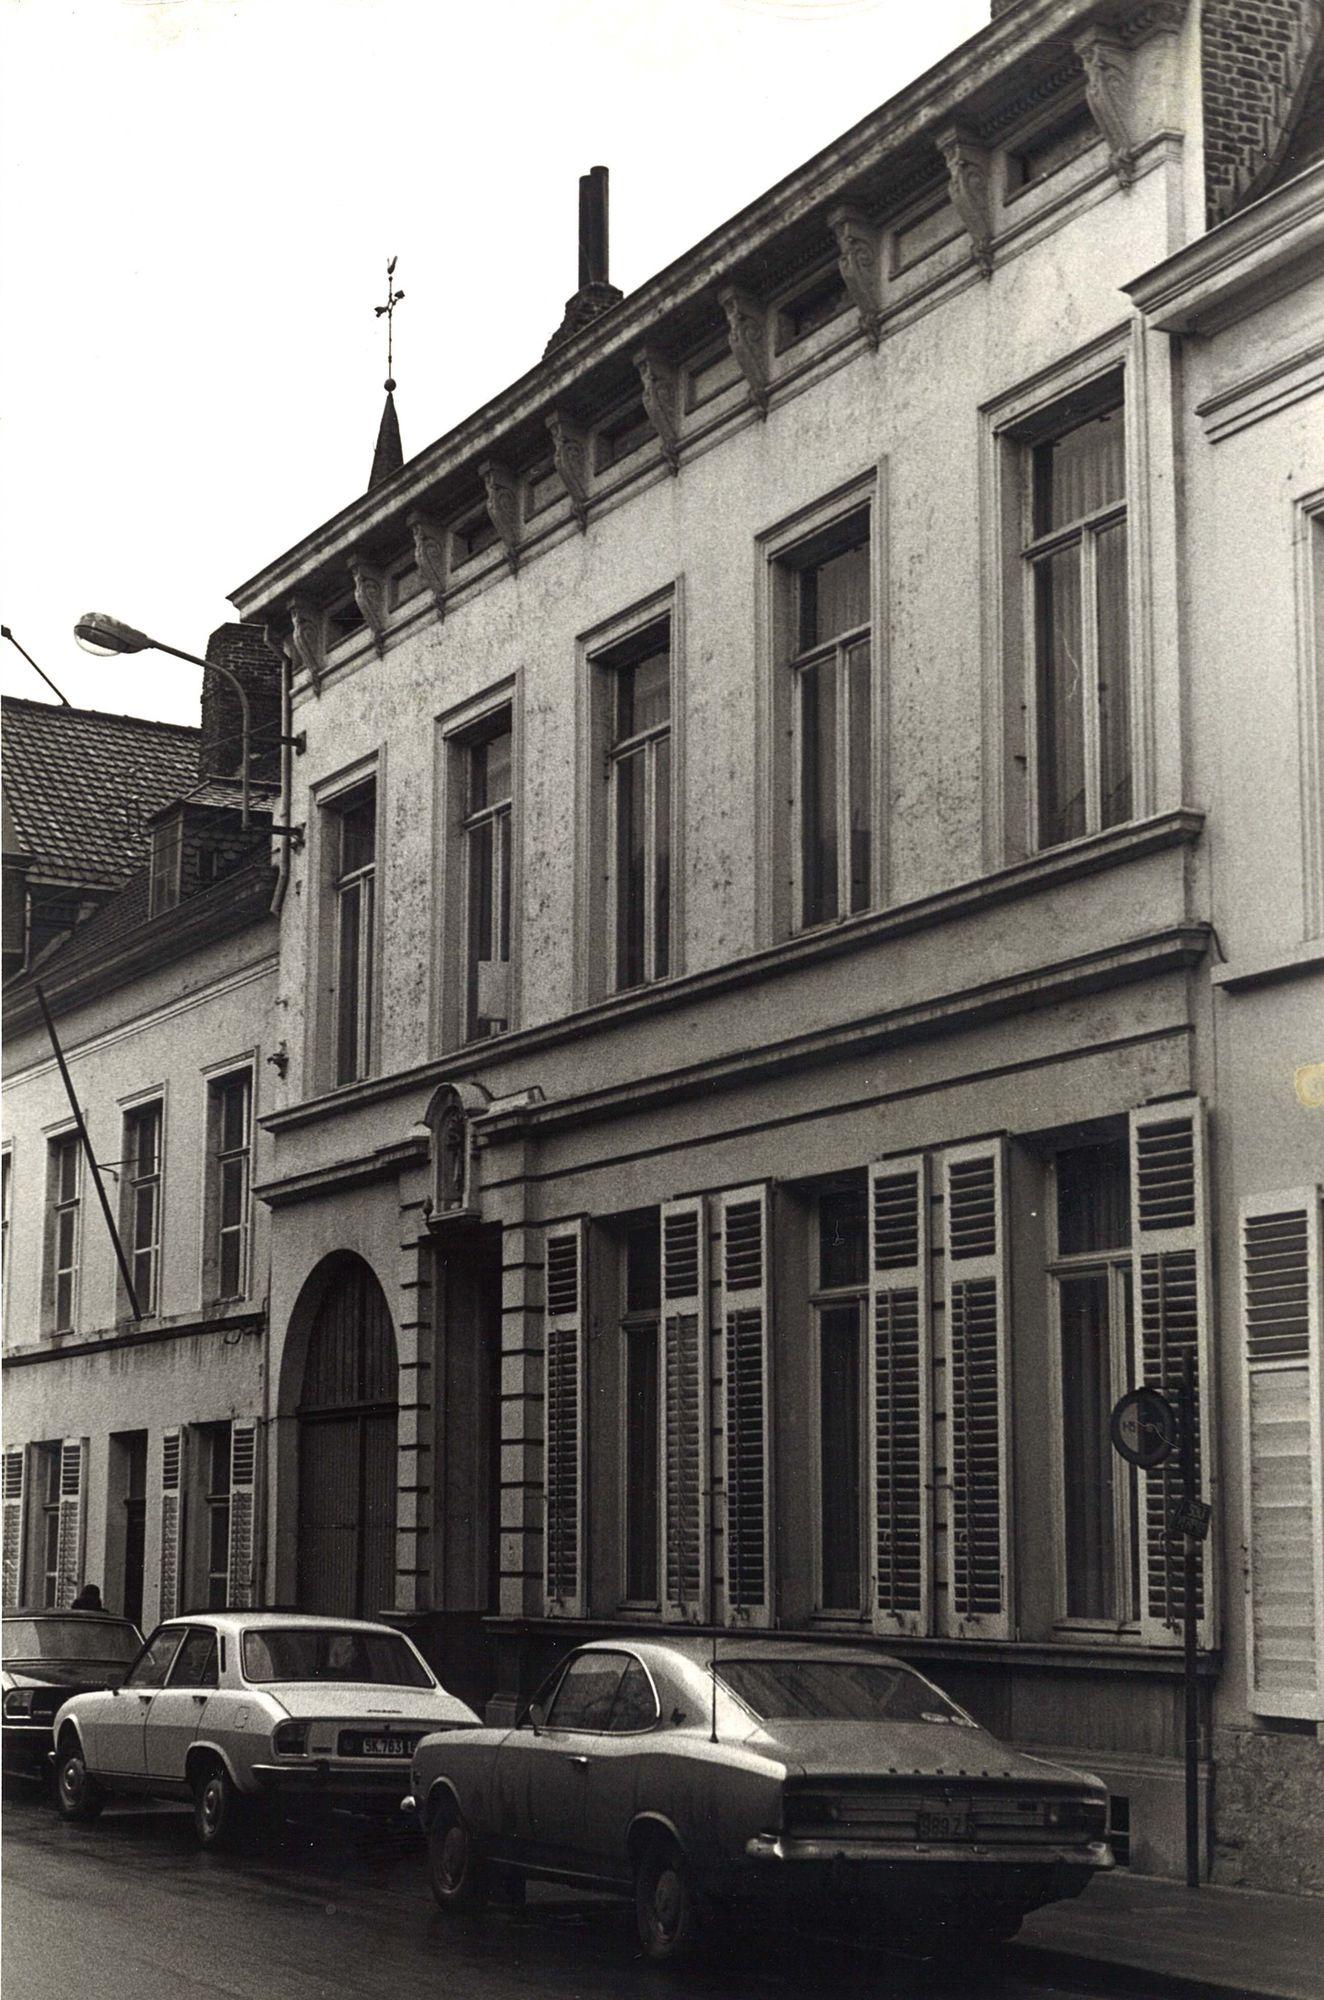 Groeningestraat 5